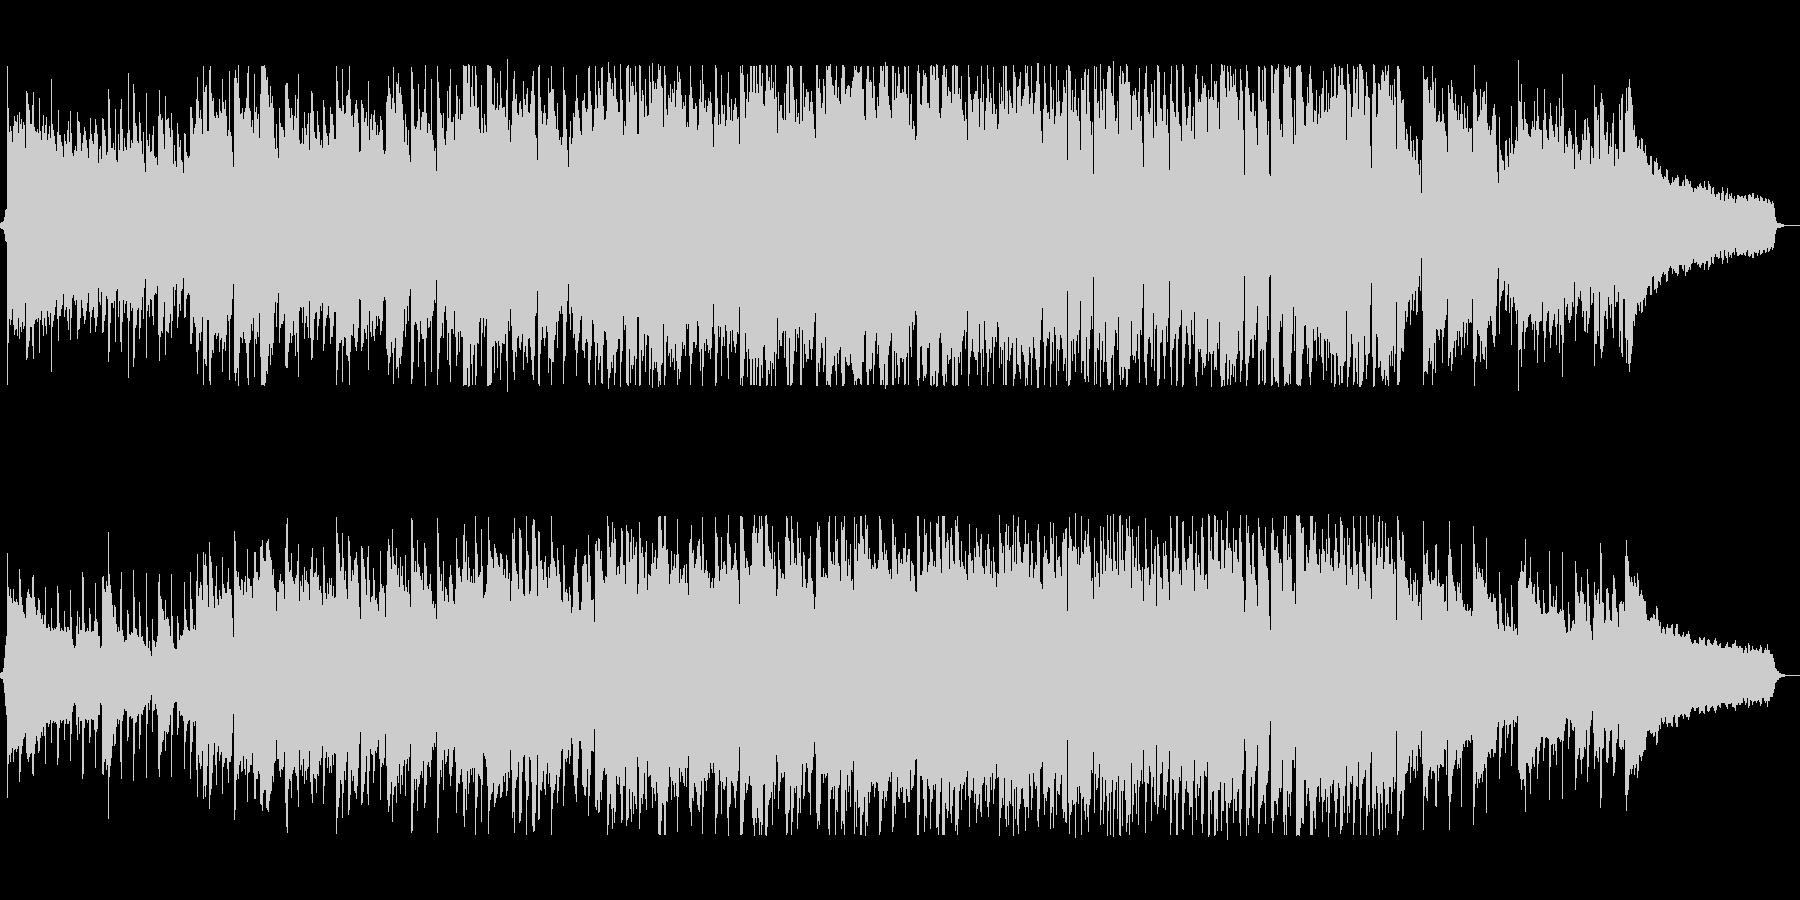 ギターとピアノの70sフォークポップスの未再生の波形